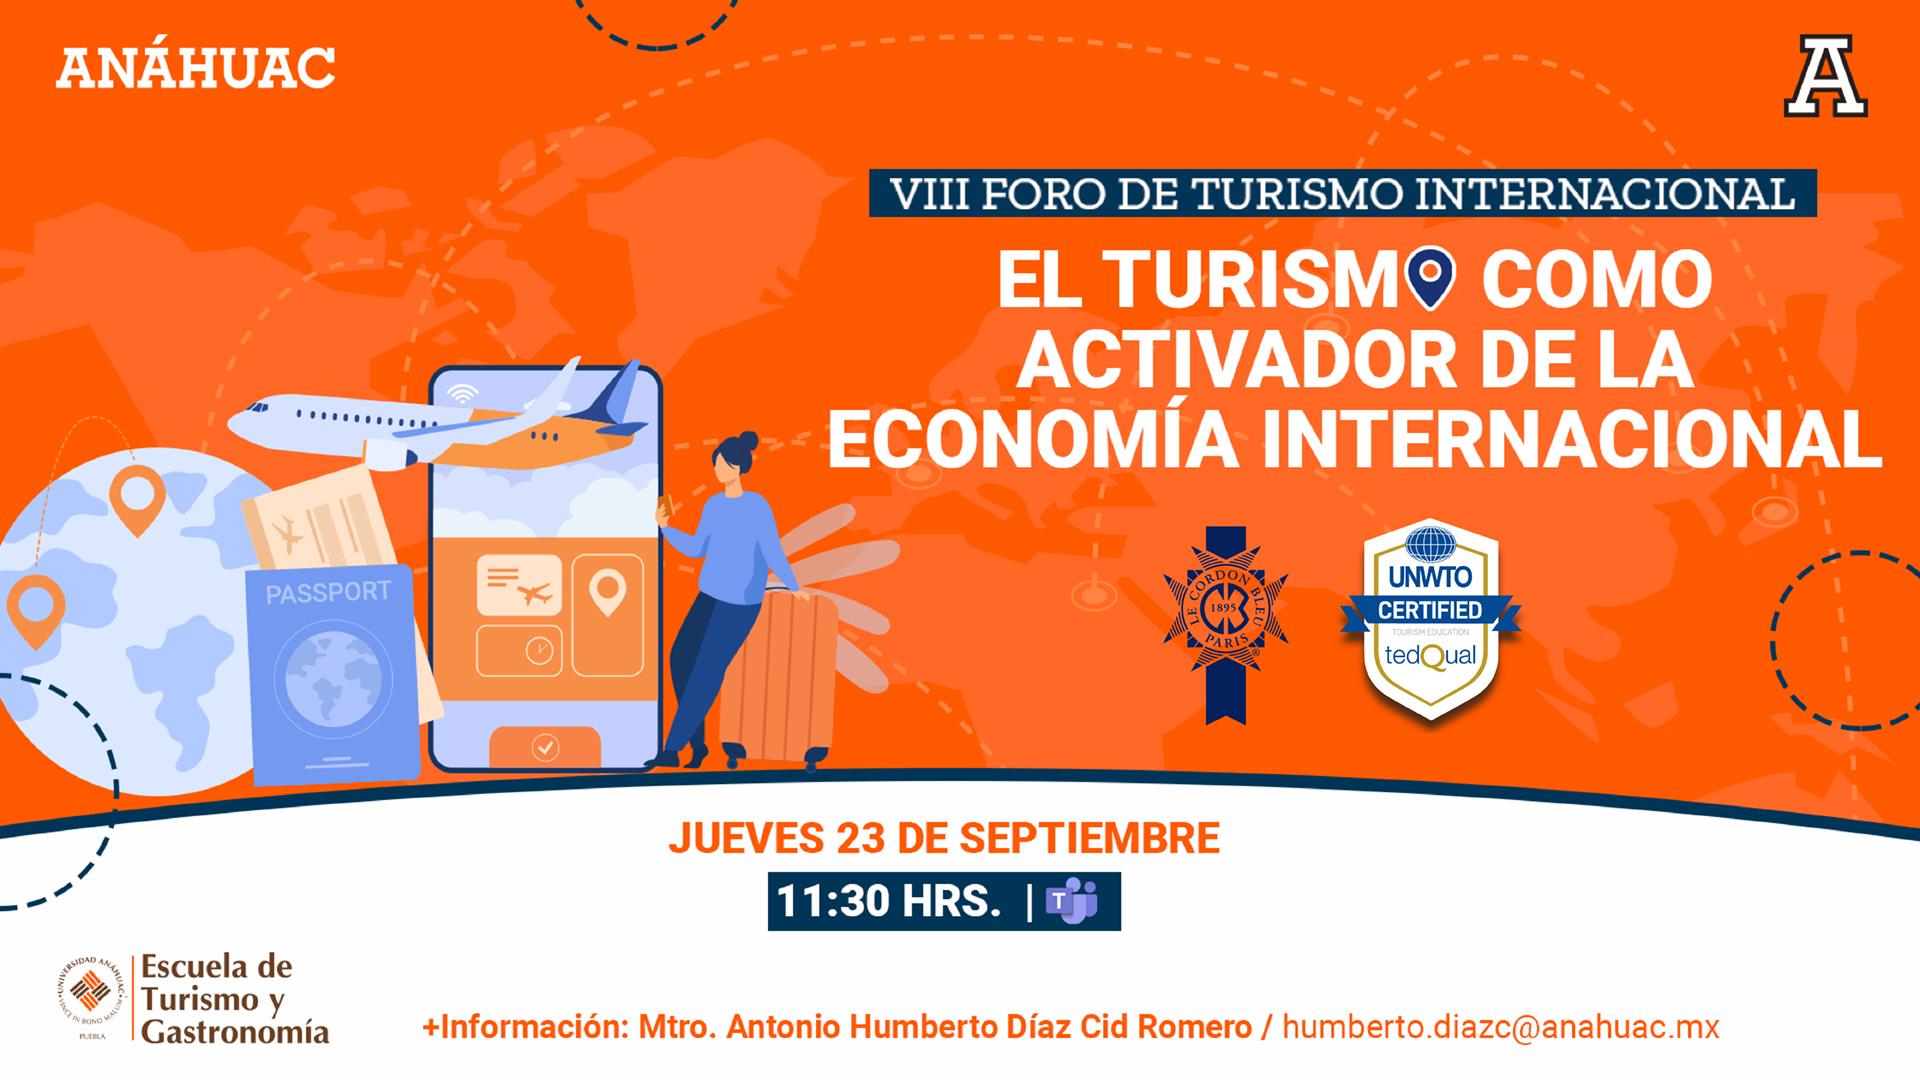 El turismo como activador de la economía internacional